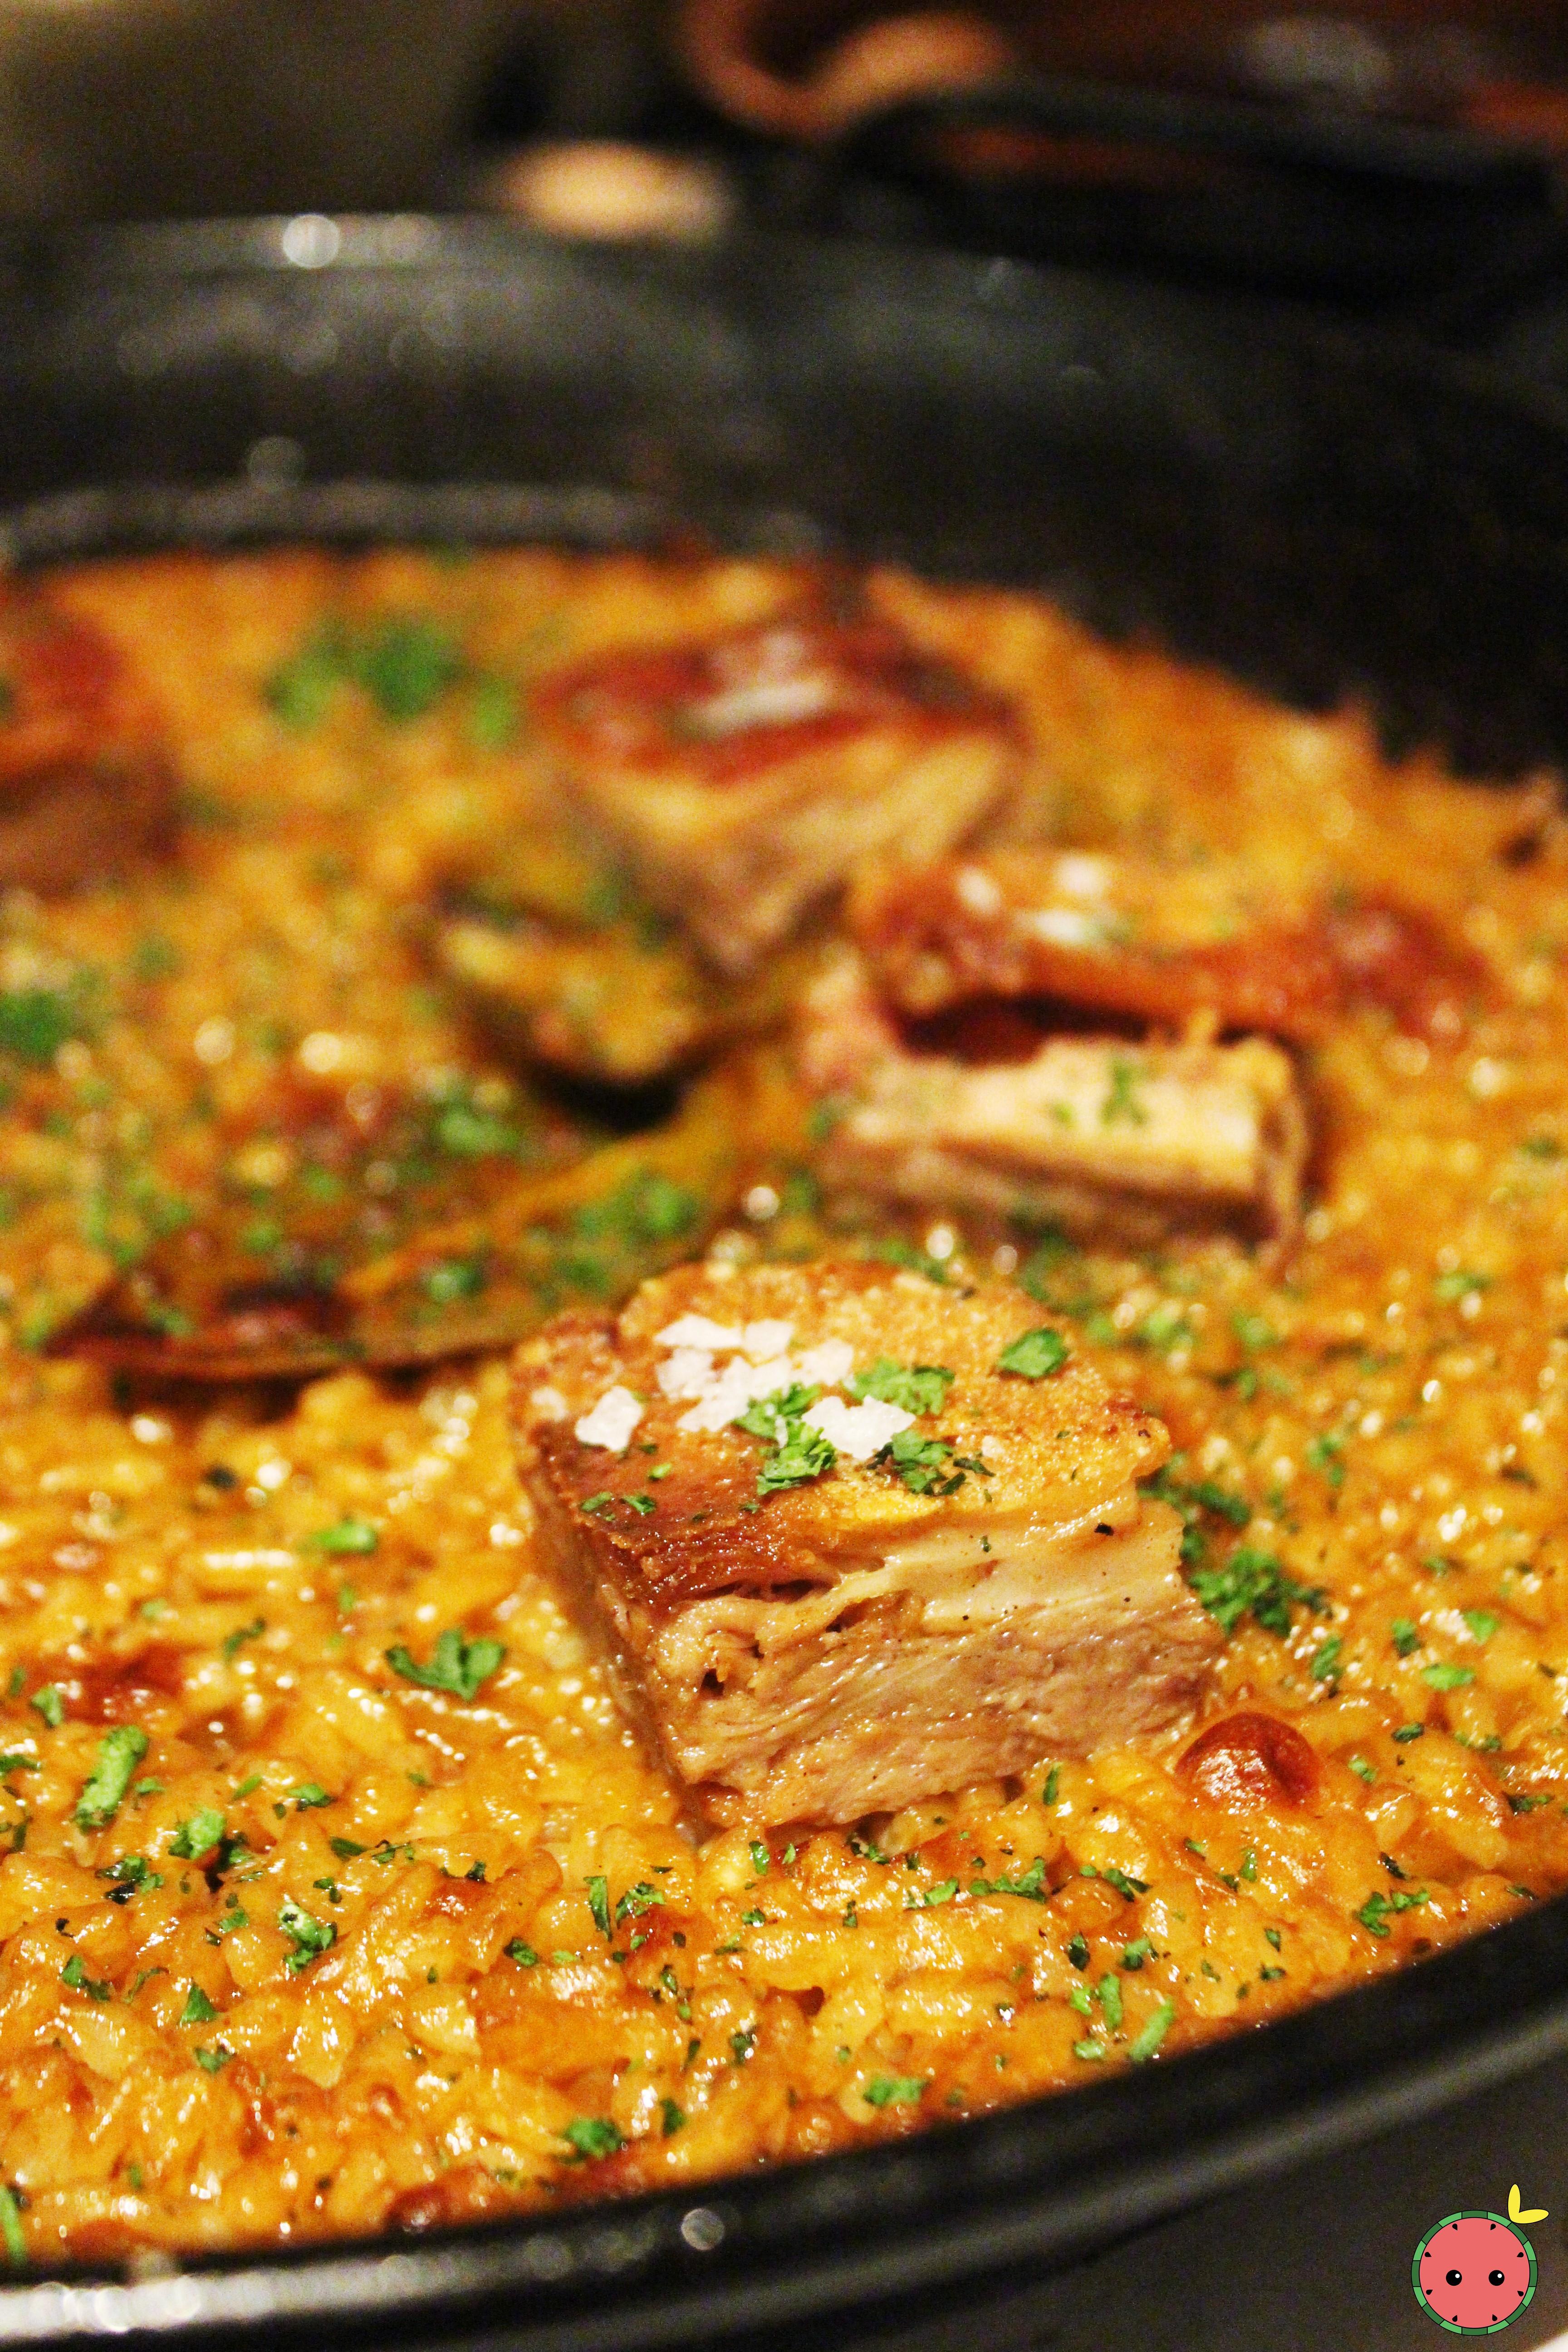 Paella de Cochinillo - Suckling pig paella